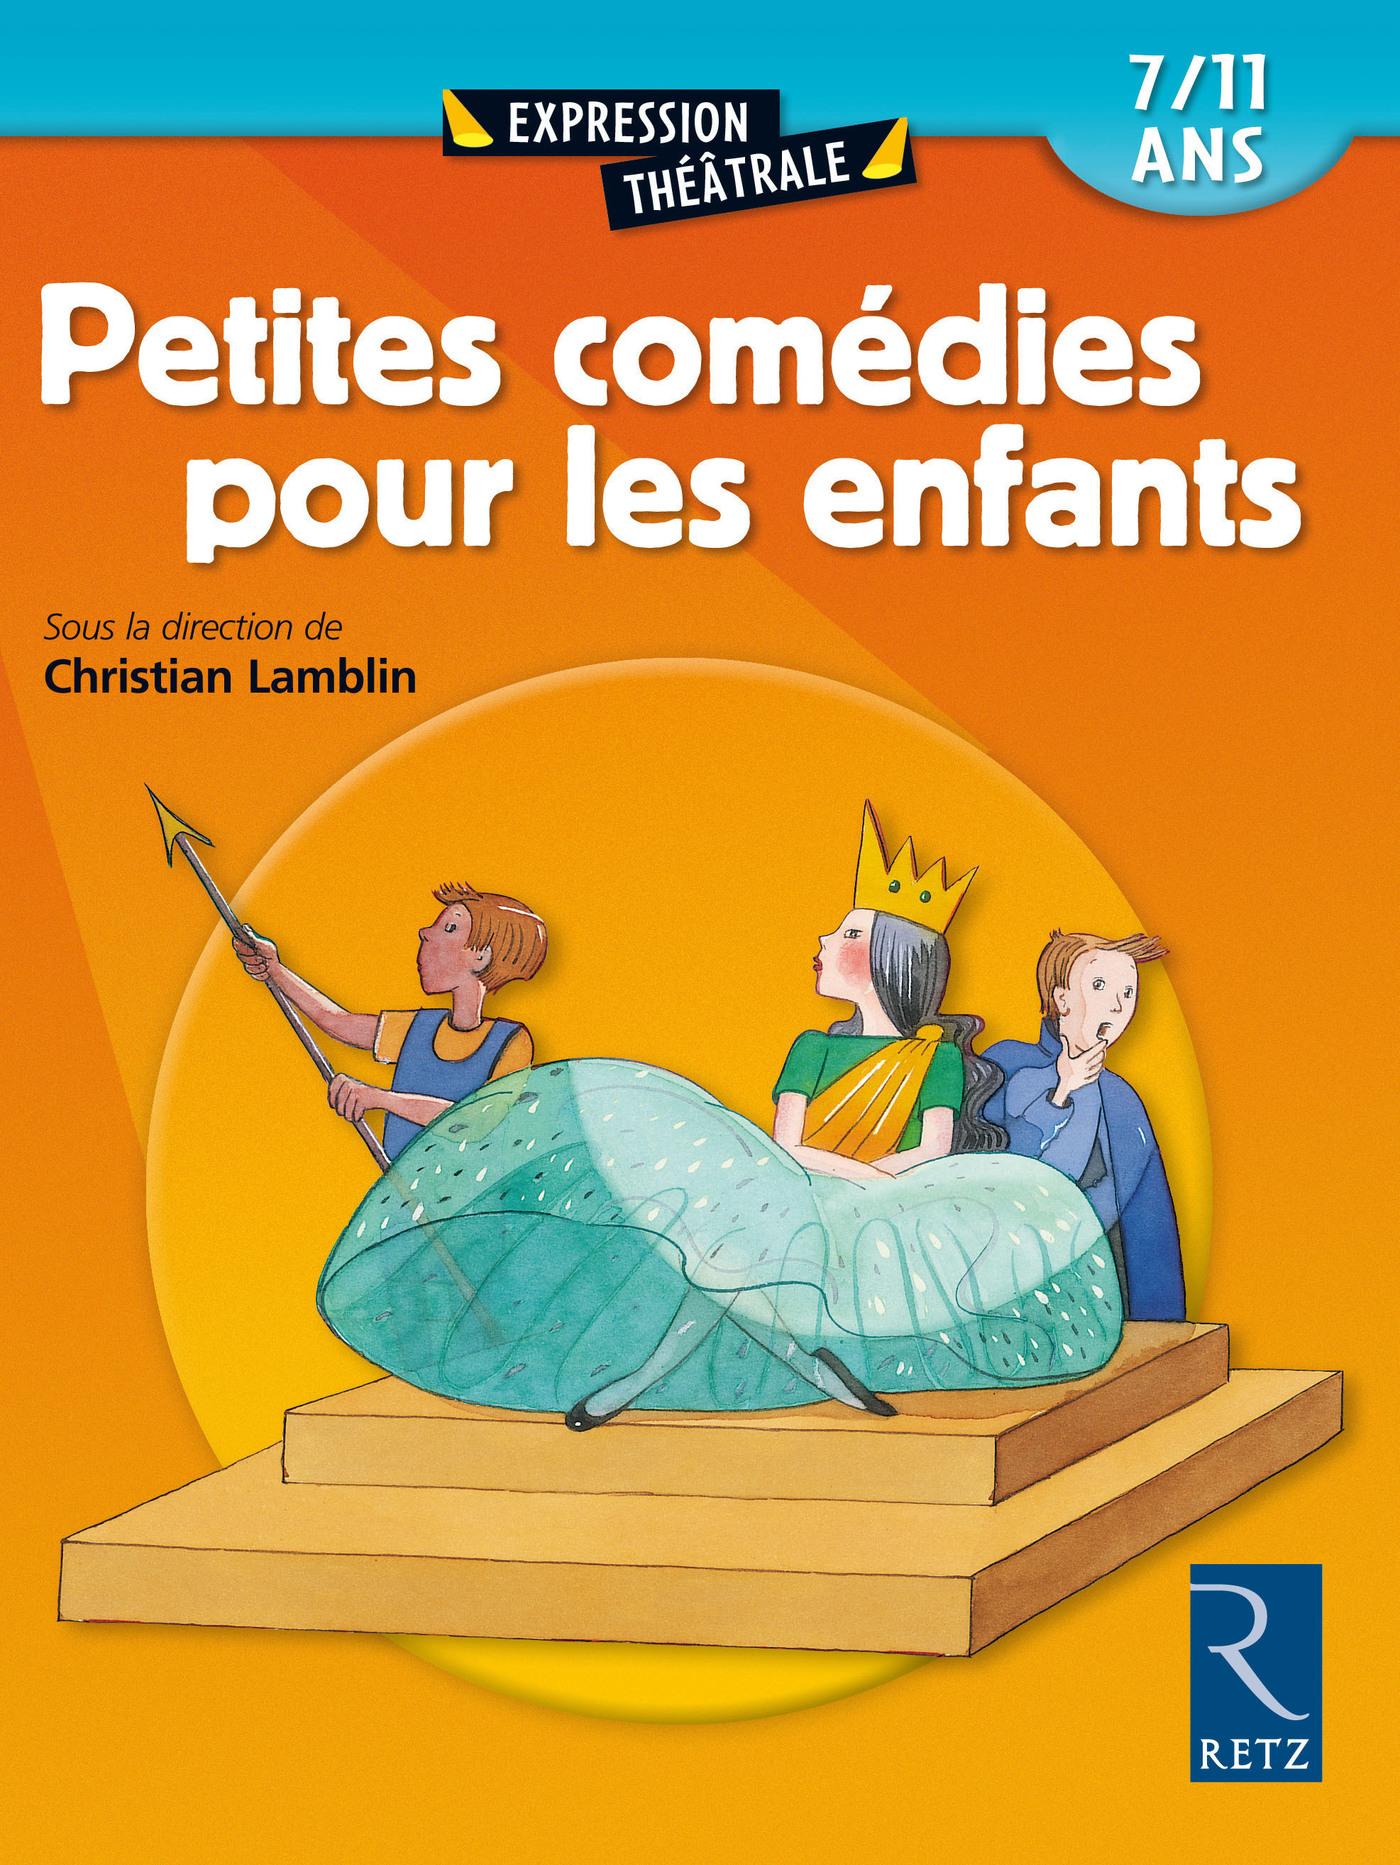 Petites comédies pour les enfants